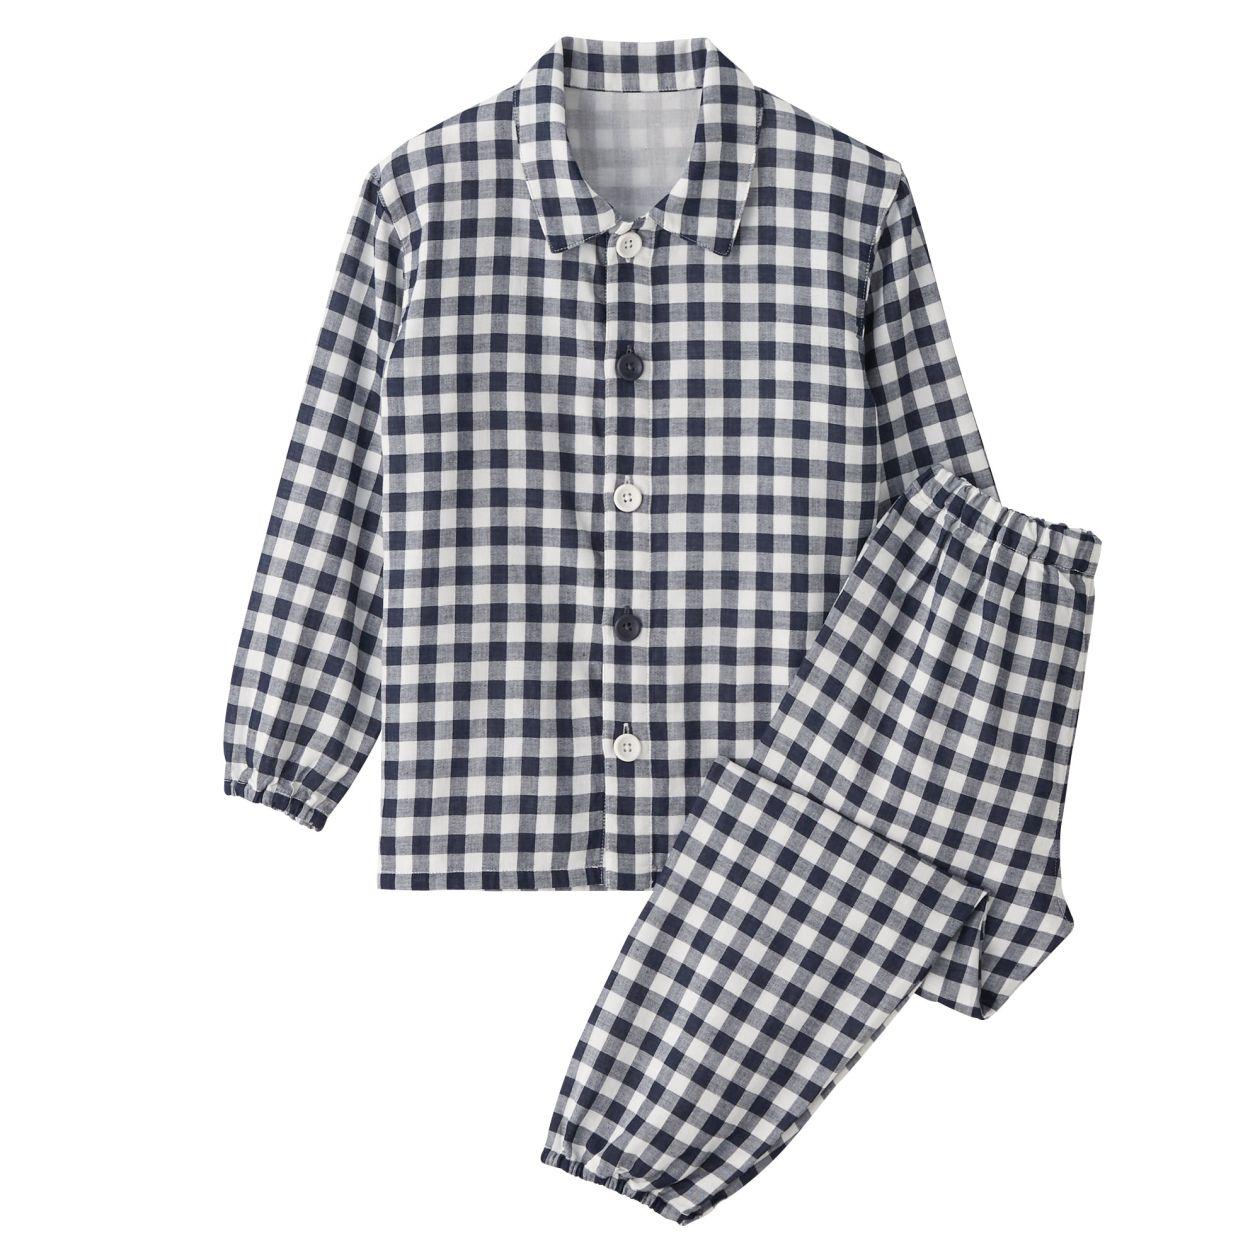 脇に縫い目のない二重ガーゼお着替えパジャマ(キッズ)